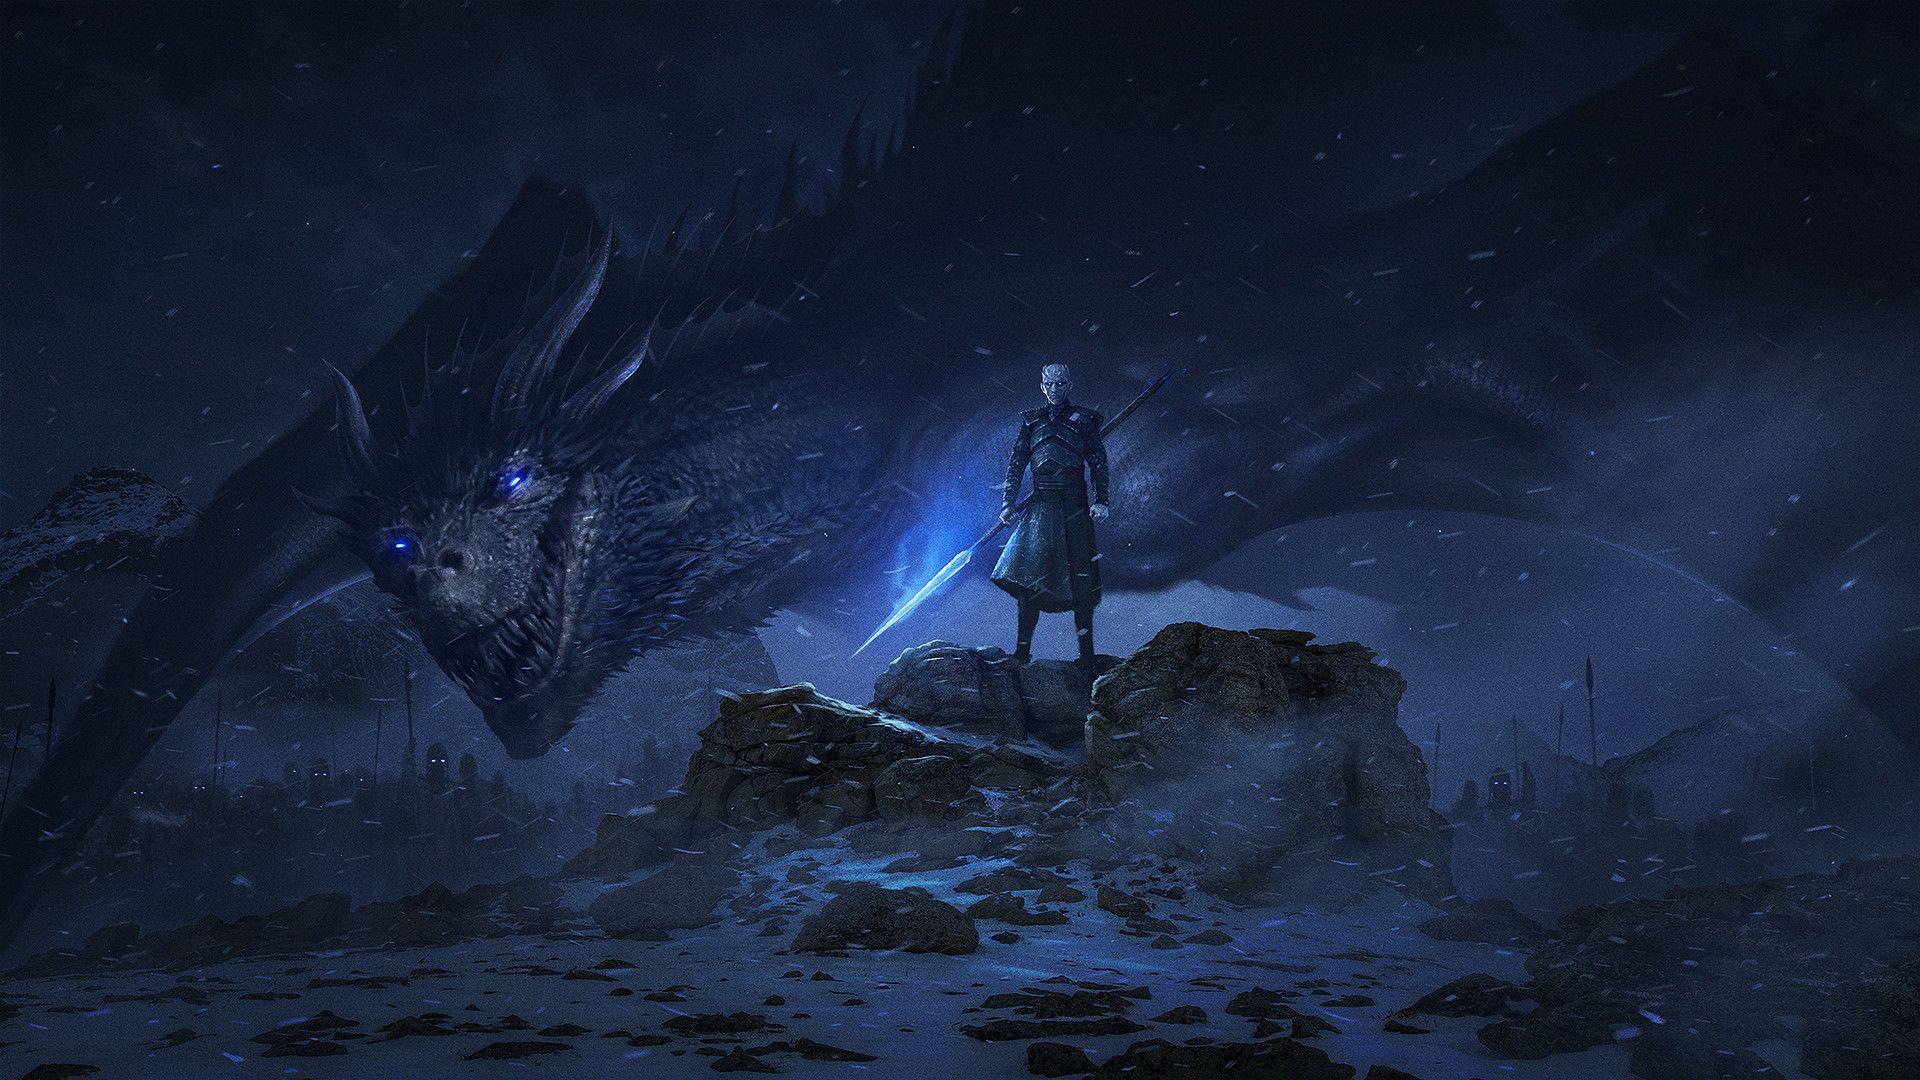 Dragon Night King Game Of Thrones Season 8 5s Ultra Hd